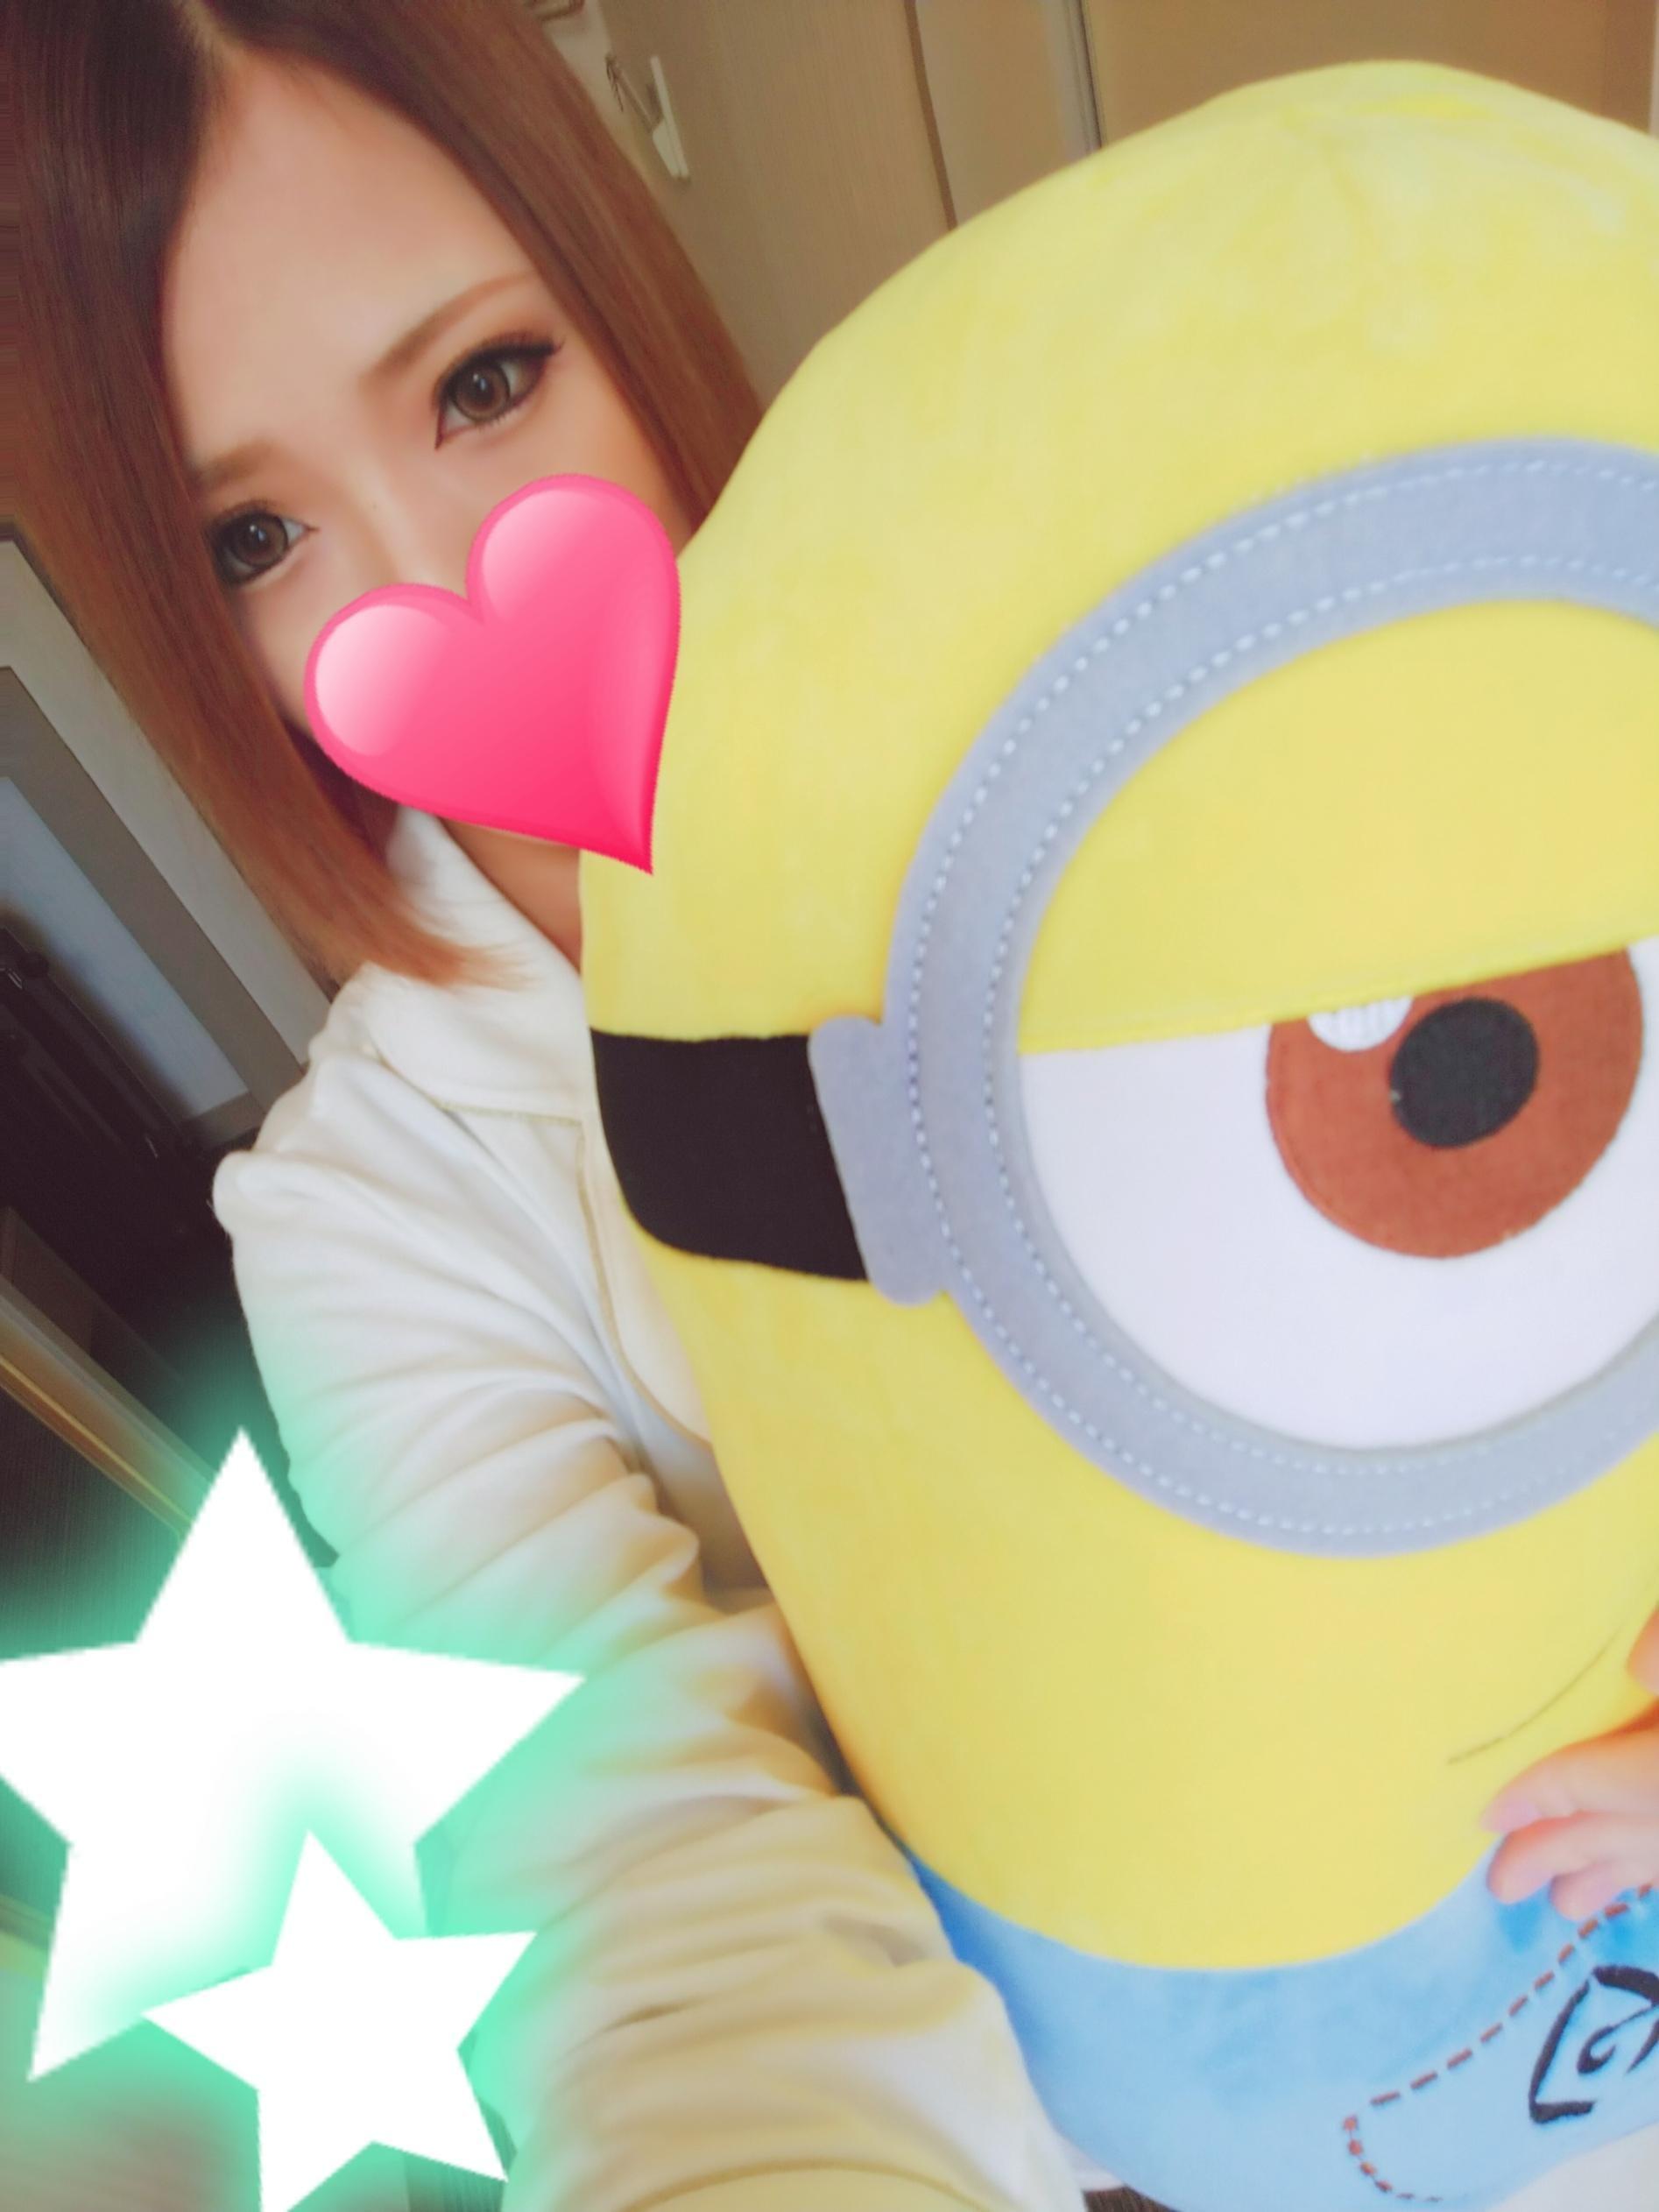 「(((o(*゜▽゜*)o)))」11/04(11/04) 14:16   ユイ★の写メ・風俗動画